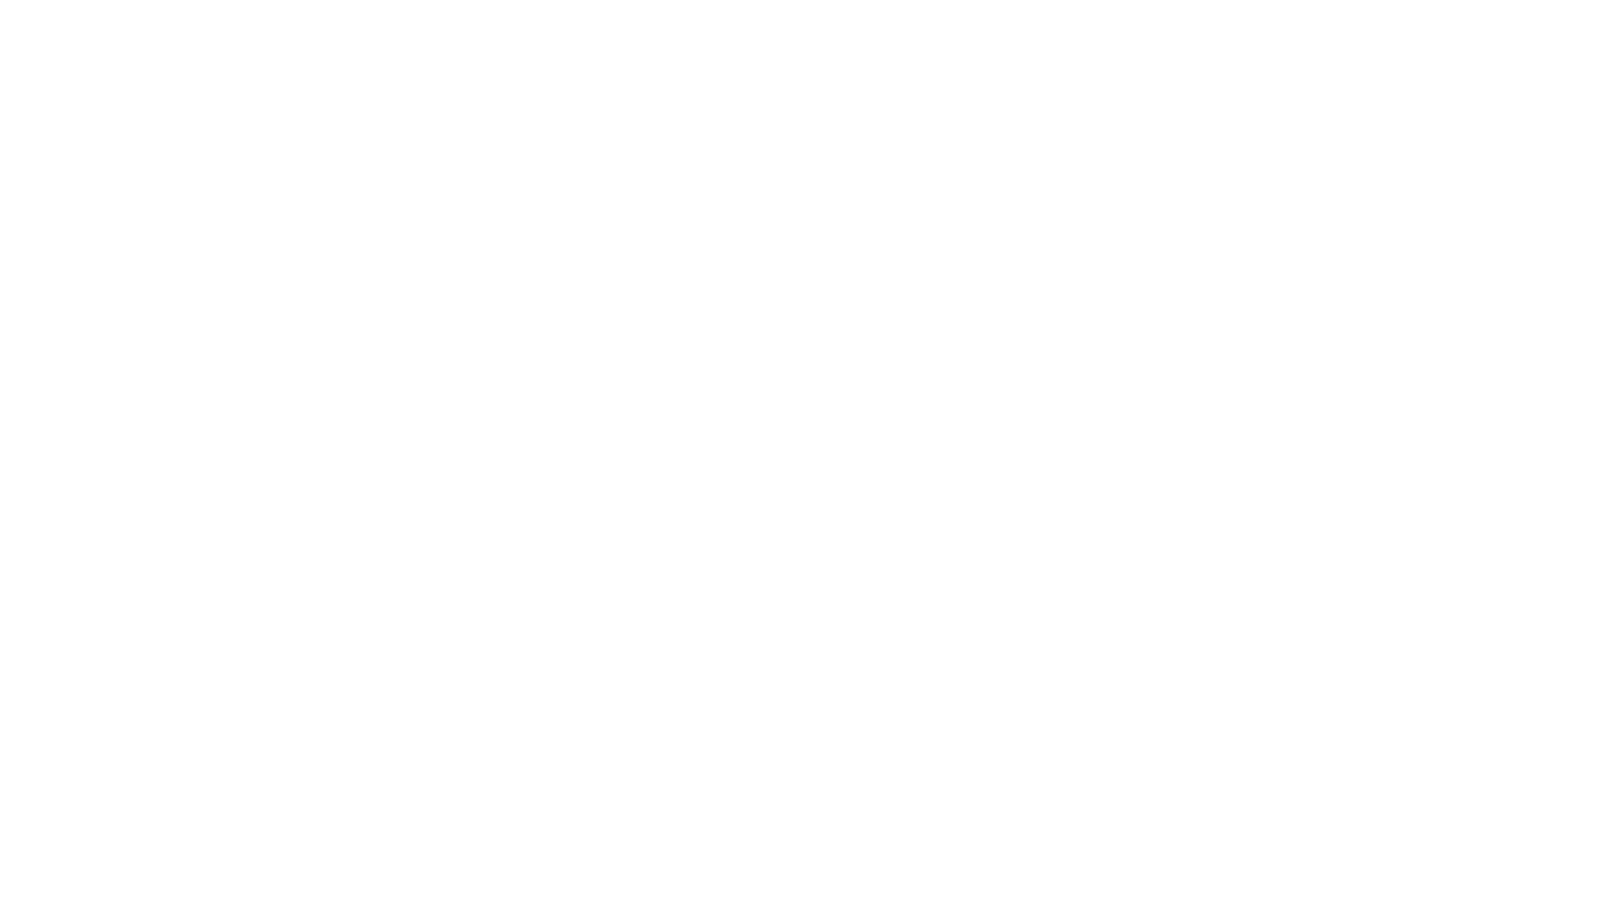 """Problemas com o Android Auto? Neste vídeo falo sobre os principais problemas com o Android Auto e como solucioná-los.  Índice do vídeo: 00:00 - Introdução 02:23 - Compatível com Android Auto 03:16 - Dispositivo USB não reconhecido 04:19 - Usava Apple CarPlay 05:08 - Intermitente… 05:46 - Deixou de funcionar 06:43 - Android Auto no smartphone 07:13 - Wireless 08:59 - Por fim…  O Android Auto é uma app que te permite """"espelhar"""" as aplicações existentes no teu smartphone no autorrádio, tendo assim uma experiência de infotainment brutal…  Há 2 anos atrás fiz um vídeo de como instalar o Android Auto no smartphone em Portugal, pois a Google não disponibilizava a app na Google PlayStore aqui em Portugal. De momento isso já está ultrapassado, pois há um mês ficou disponível…  Todavia, nesse vídeo recebi muitas centenas de perguntas recorrentes sobre o Android Auto, pelo que fiz esta compilação, com o propósito de ajudar os utilizadores a resolver problemas que possam ter…  Perguntas do vídeo:  - O meu carro é compatível com Android Auto? Se o ano do carro for 2018 ou superior, há fortes probabilidades de o ser… No entanto vá às """"settings"""" da headunit do seu carro e procure pelas opções de Android Auto… Se não tiver em nenhum lado essas opções, infelizmente não é compatível… De notar que ainda hoje, há carros, se bem que raros, que não são compatíveis, sendo o Android Auto um extra pago.  - Quando ligo ao carro, diz-me """"Dispositivo USB não reconhecido"""" Primeiro verifique se o seu autorrádio é compatível com Android Auto. Segundo, verifique se o Android Auto está instalado, indo às """"Definições"""", e depois Aplicações. Se tiver instalado, verifique se as opções sobre """"Aparecer sobre outras"""" e """"Alterar definições de sistema"""" estão ligadas. Se não, vá à Google Play Store e instale. Caso não apareça, veja o vídeo do método antigo: https://youtu.be/_jo_iNJ2BzY  Por fim, se ainda não funciona e o autorrádio compatível então o problema mais comum é o cabo USB… Este é o problema mais c"""